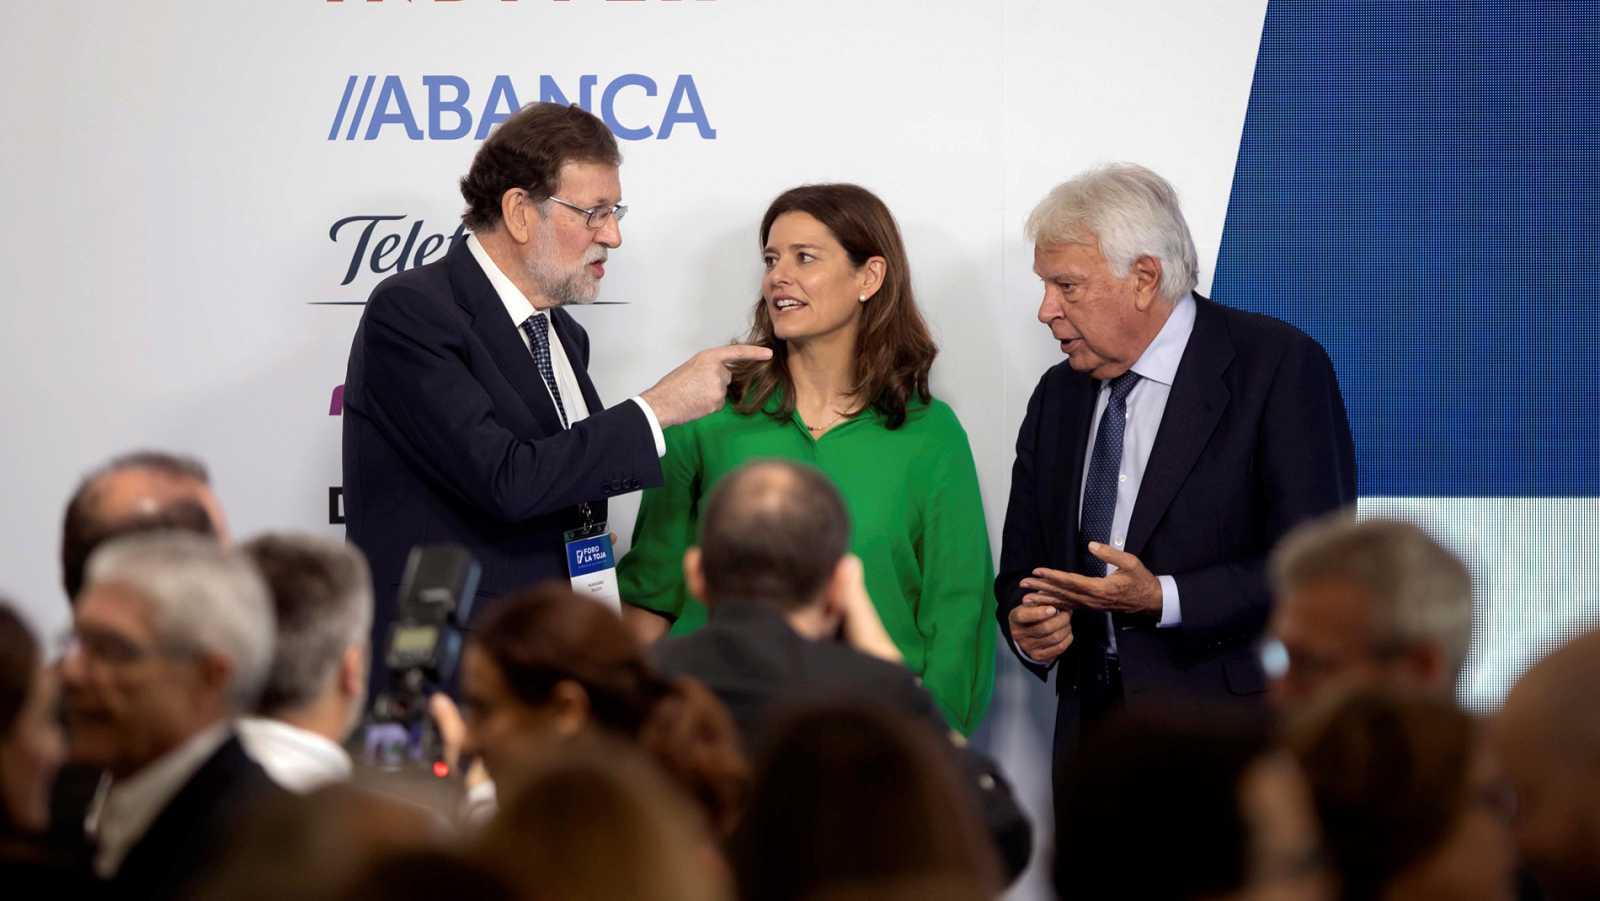 González y Rajoy discrepan ante la gran coalición pero apoyan pactos PSOE-PP